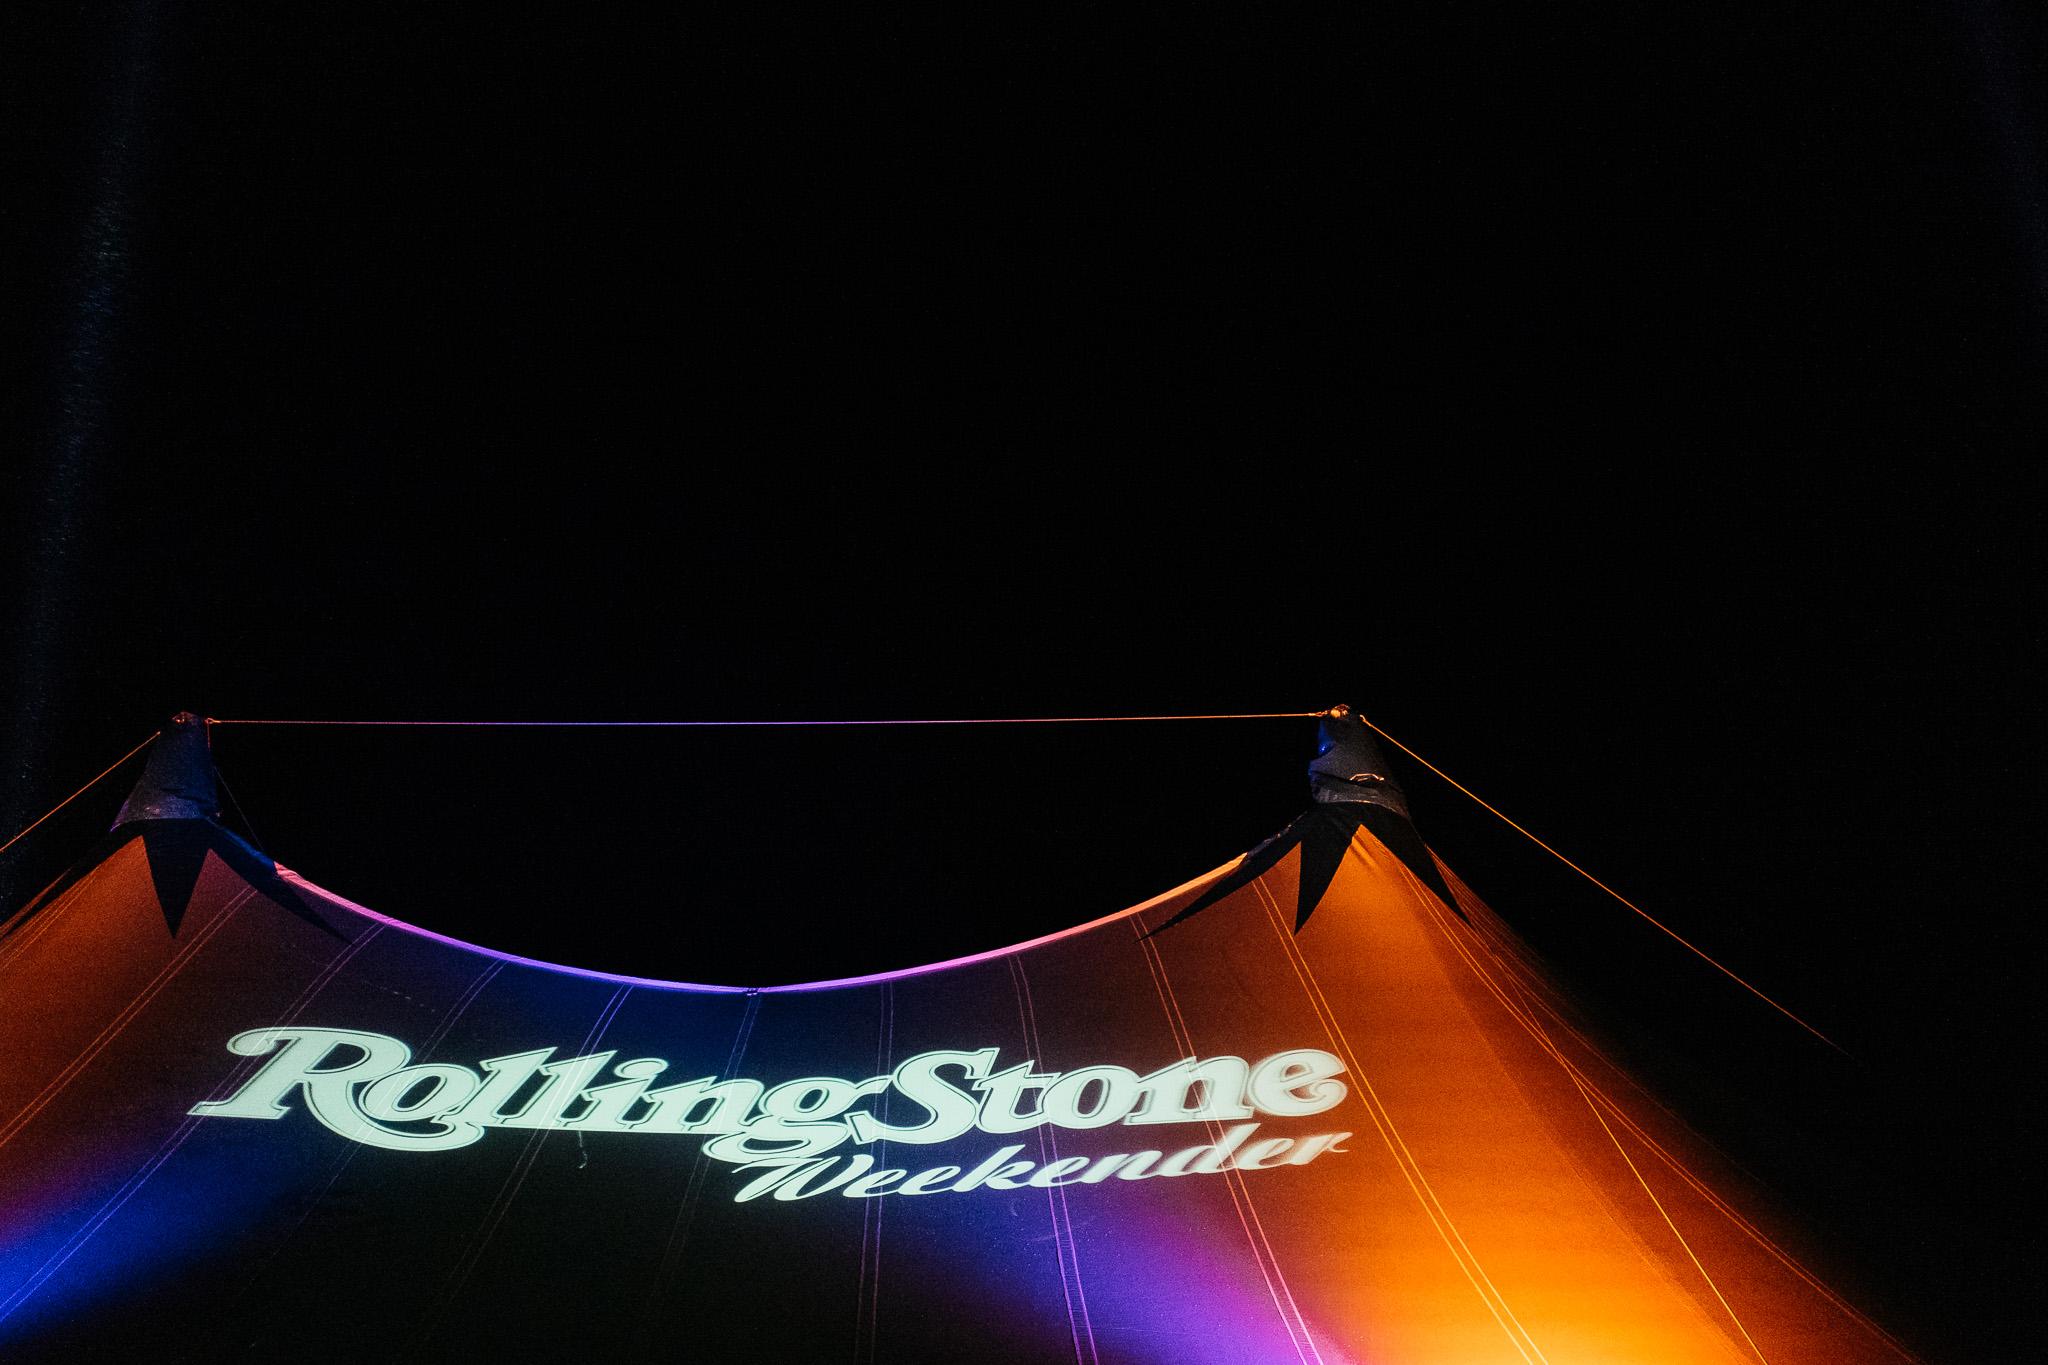 Rolling Stone Weekender 2016